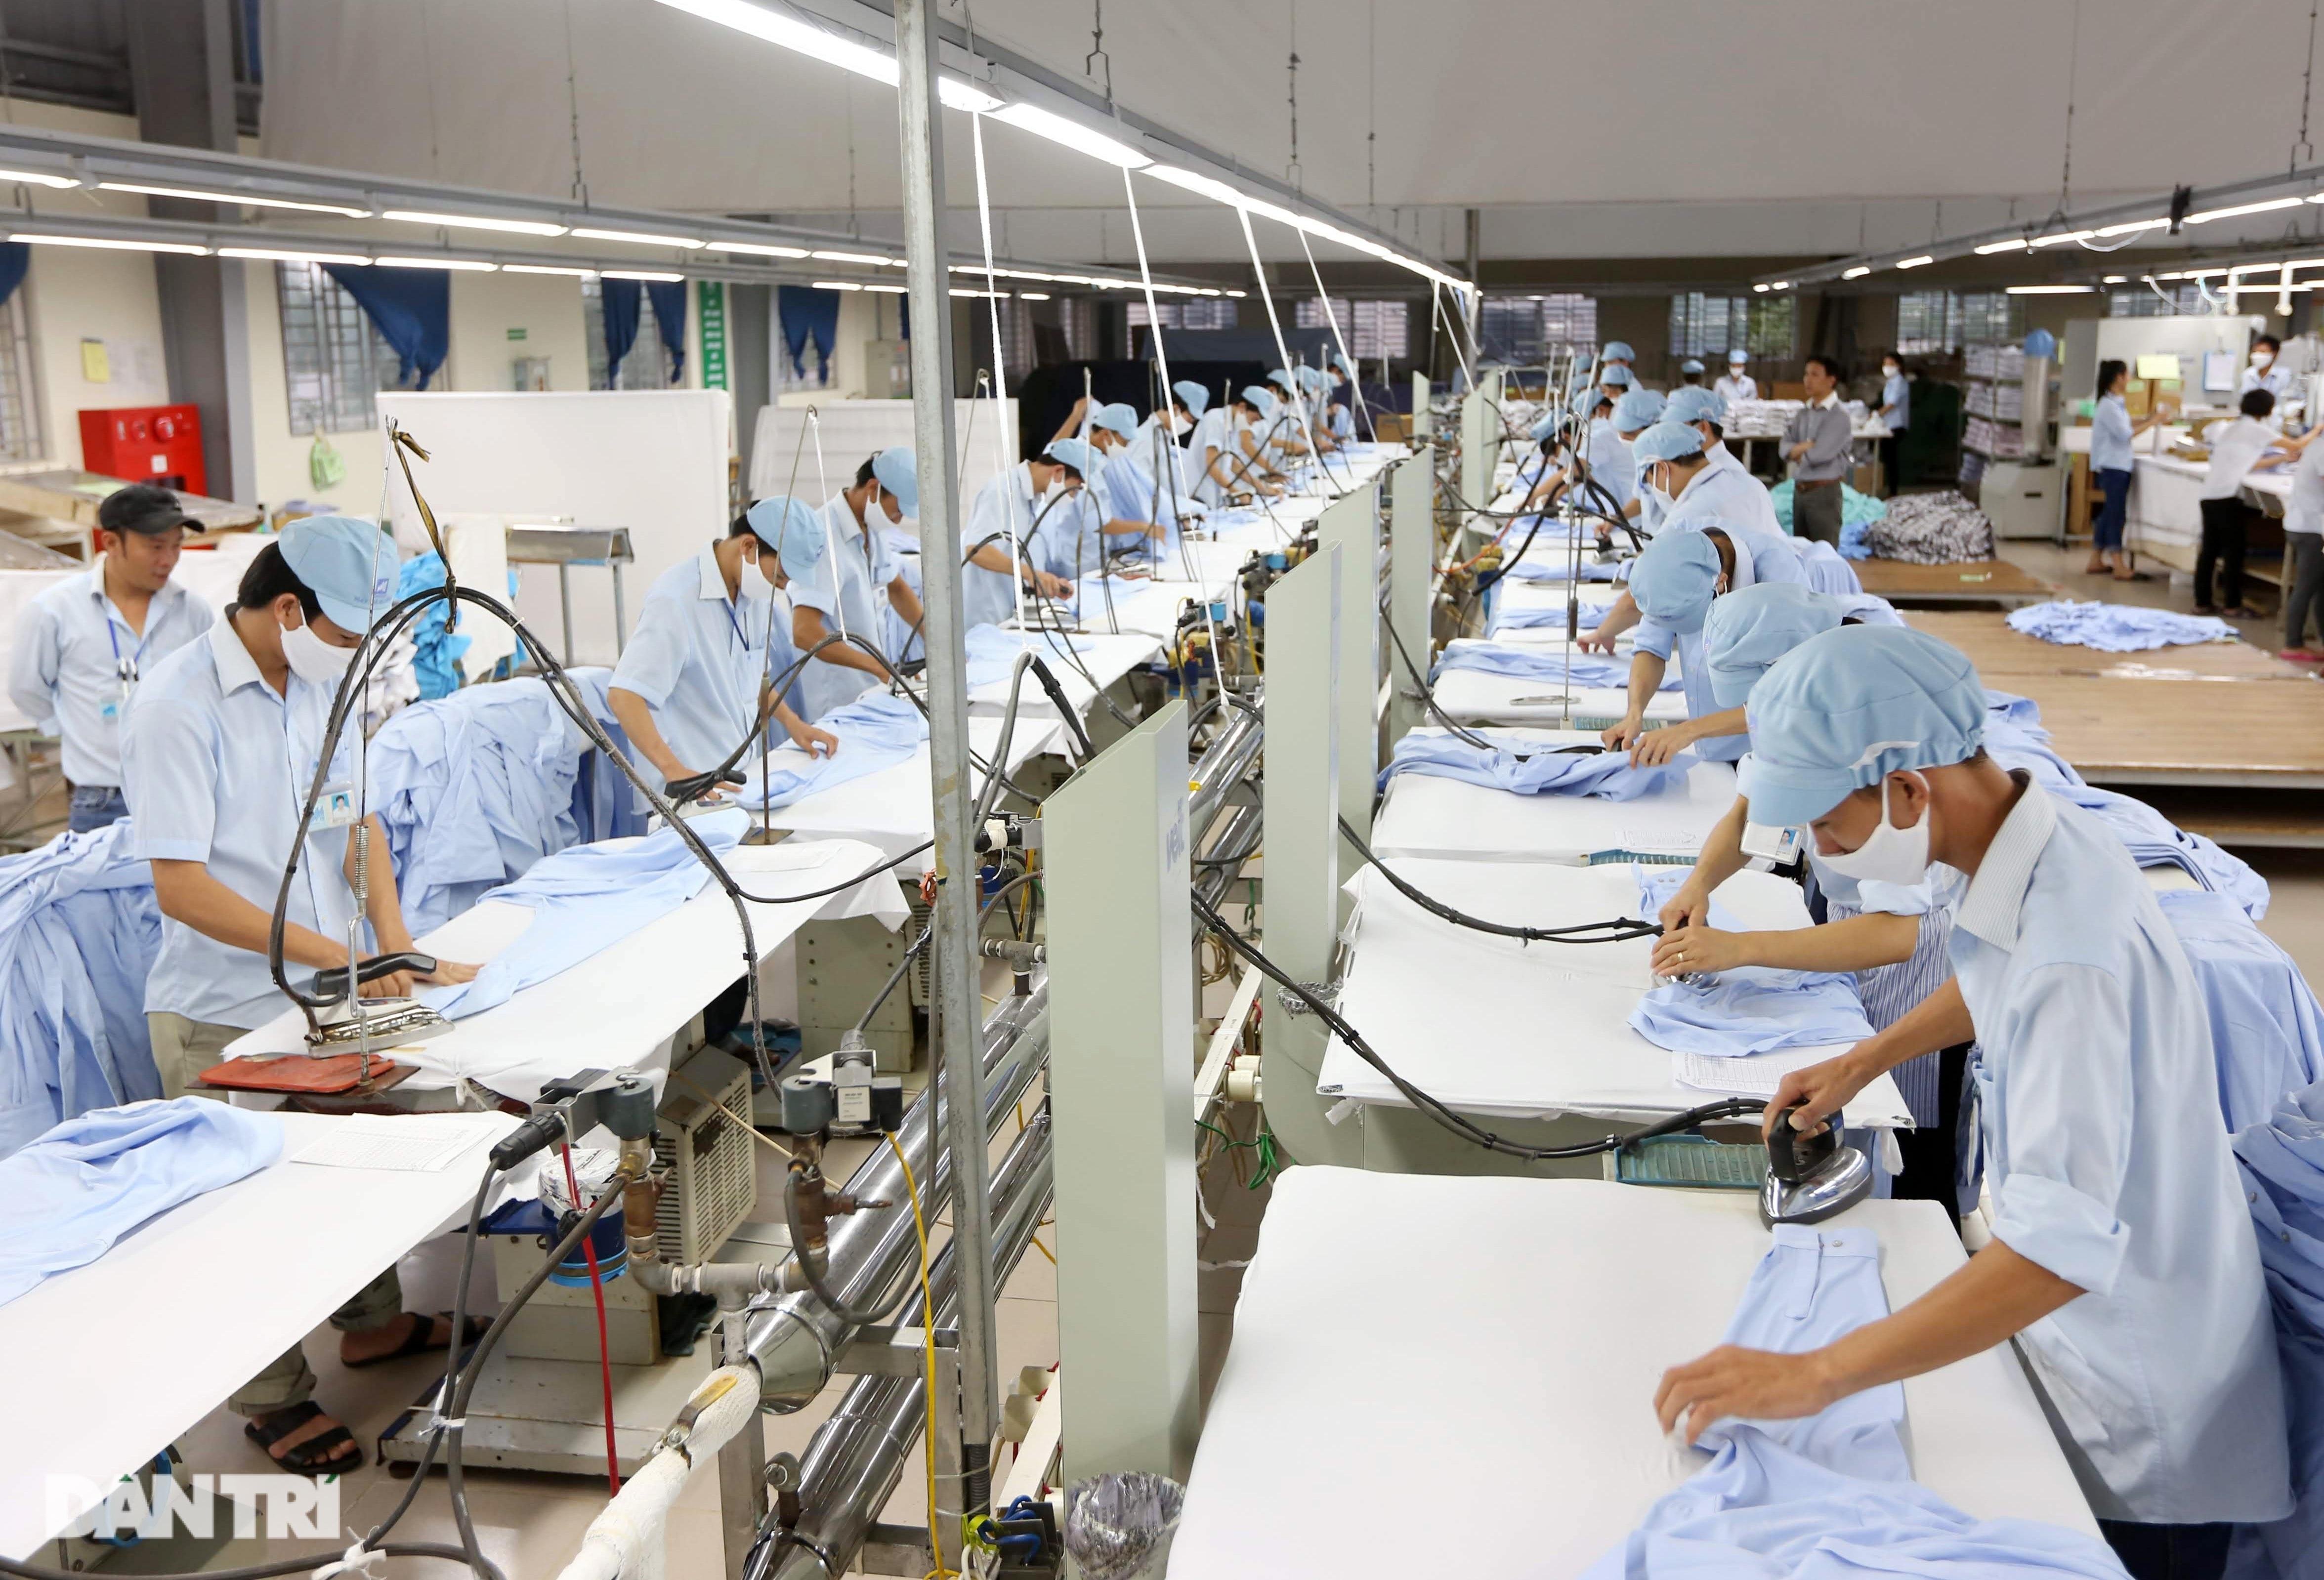 Bộ Luật Lao động đã hướng tới 55 triệu lao động của Việt Nam… - 6